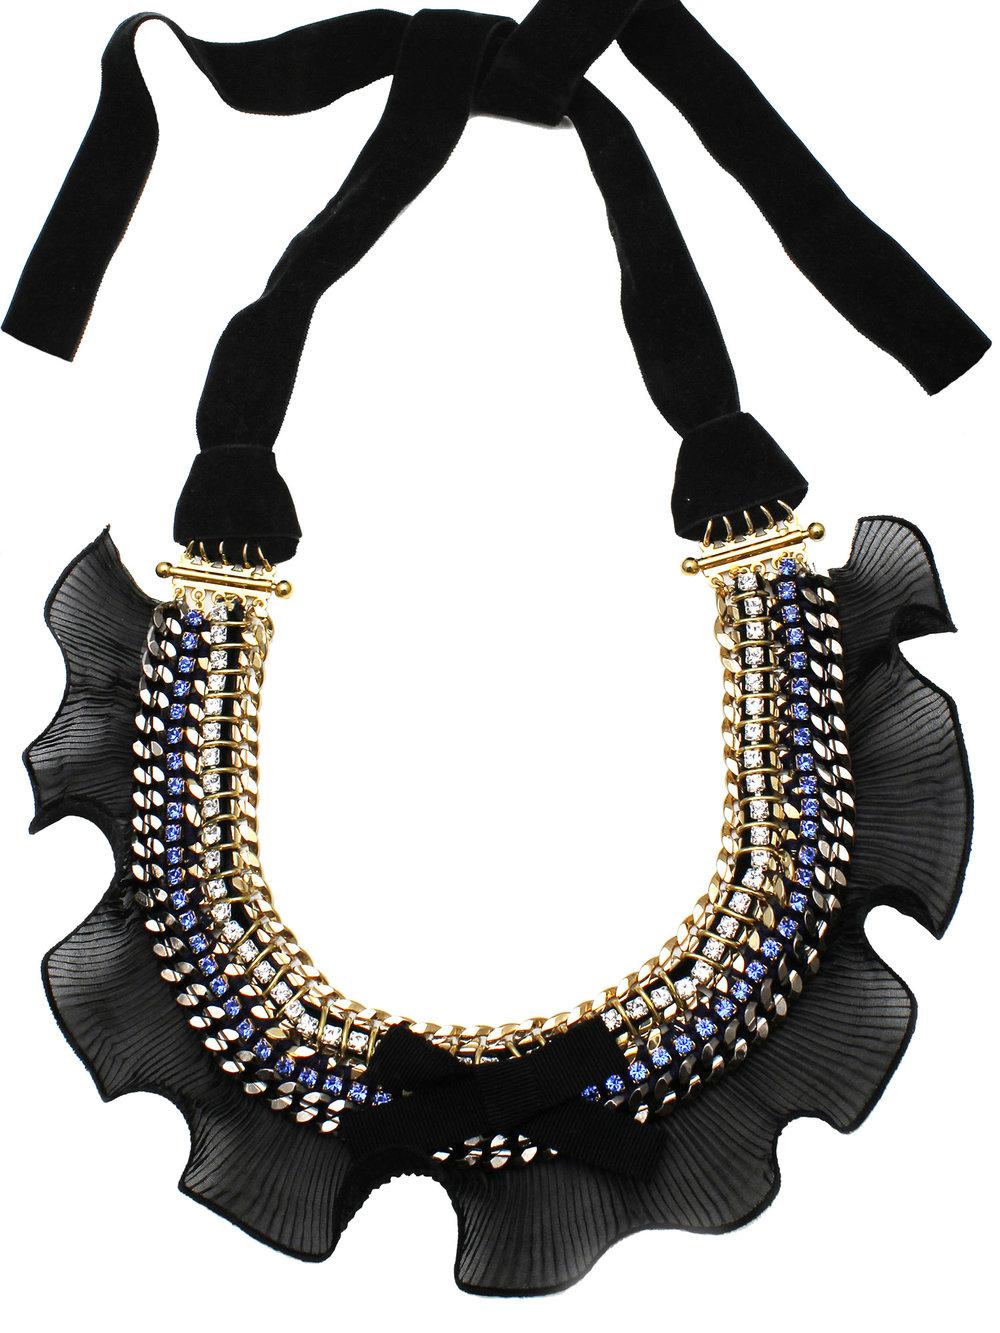 063 - Black Frill Necklace.jpg